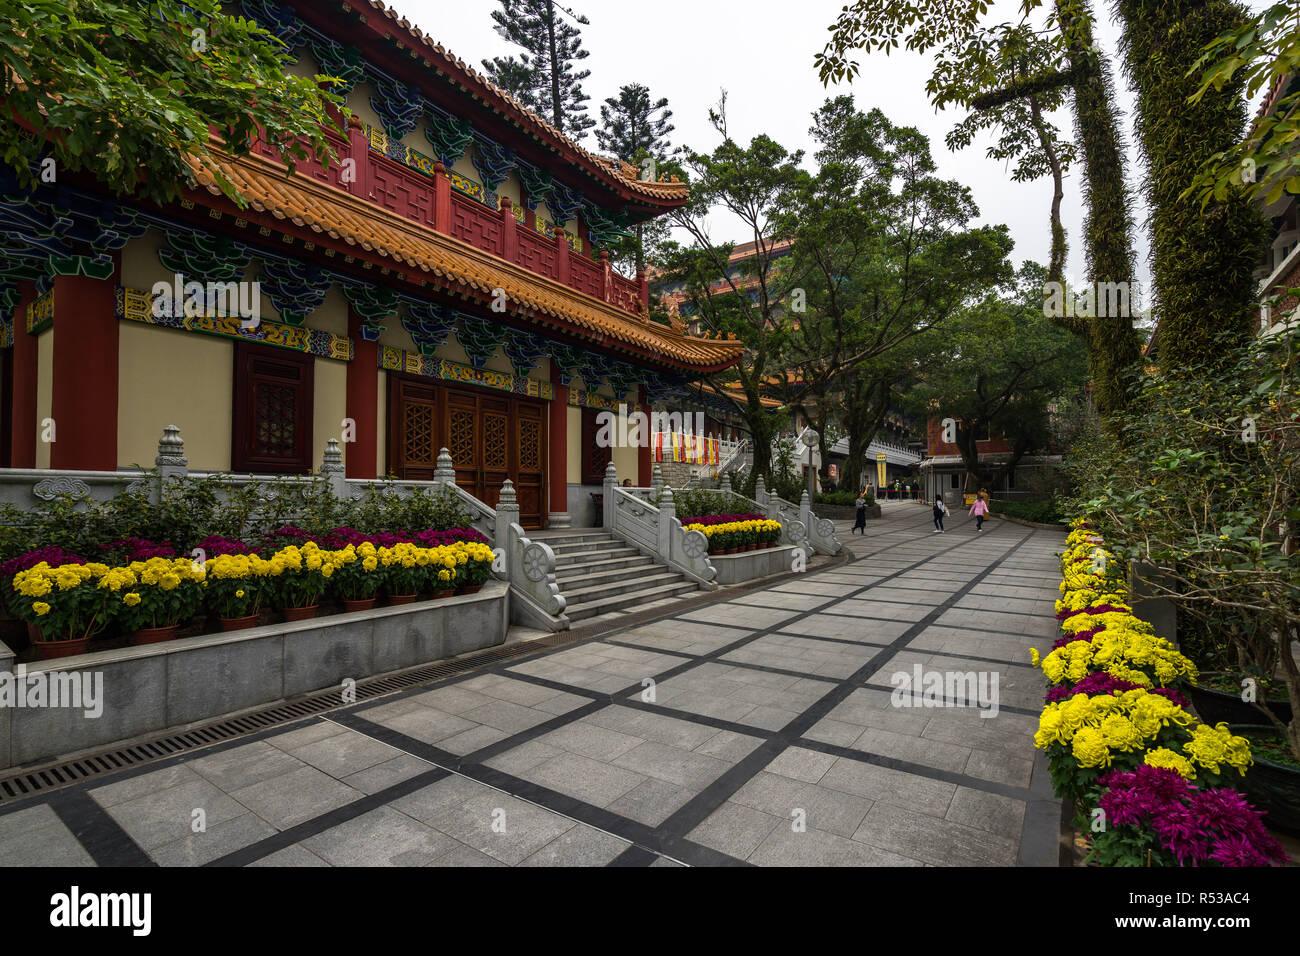 Exterior of Po Lin Monastery. Hong Kong, Ngong Ping, Lantau Island, January 2018 - Stock Image